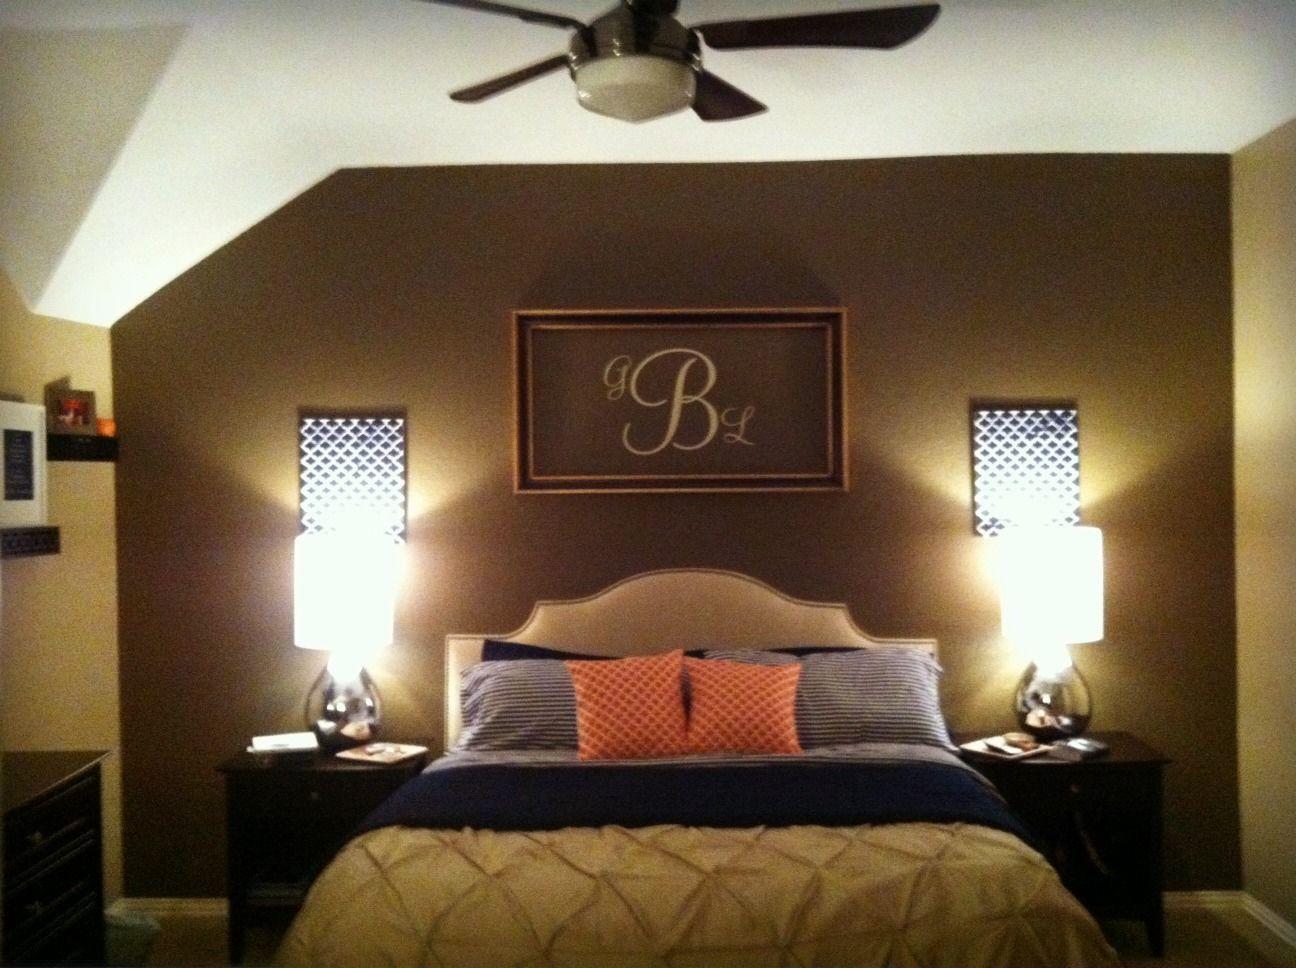 Bedroom decorating master bedroom ideas   Best Master Bedroom Design Ideas  Master bedroom plans Master